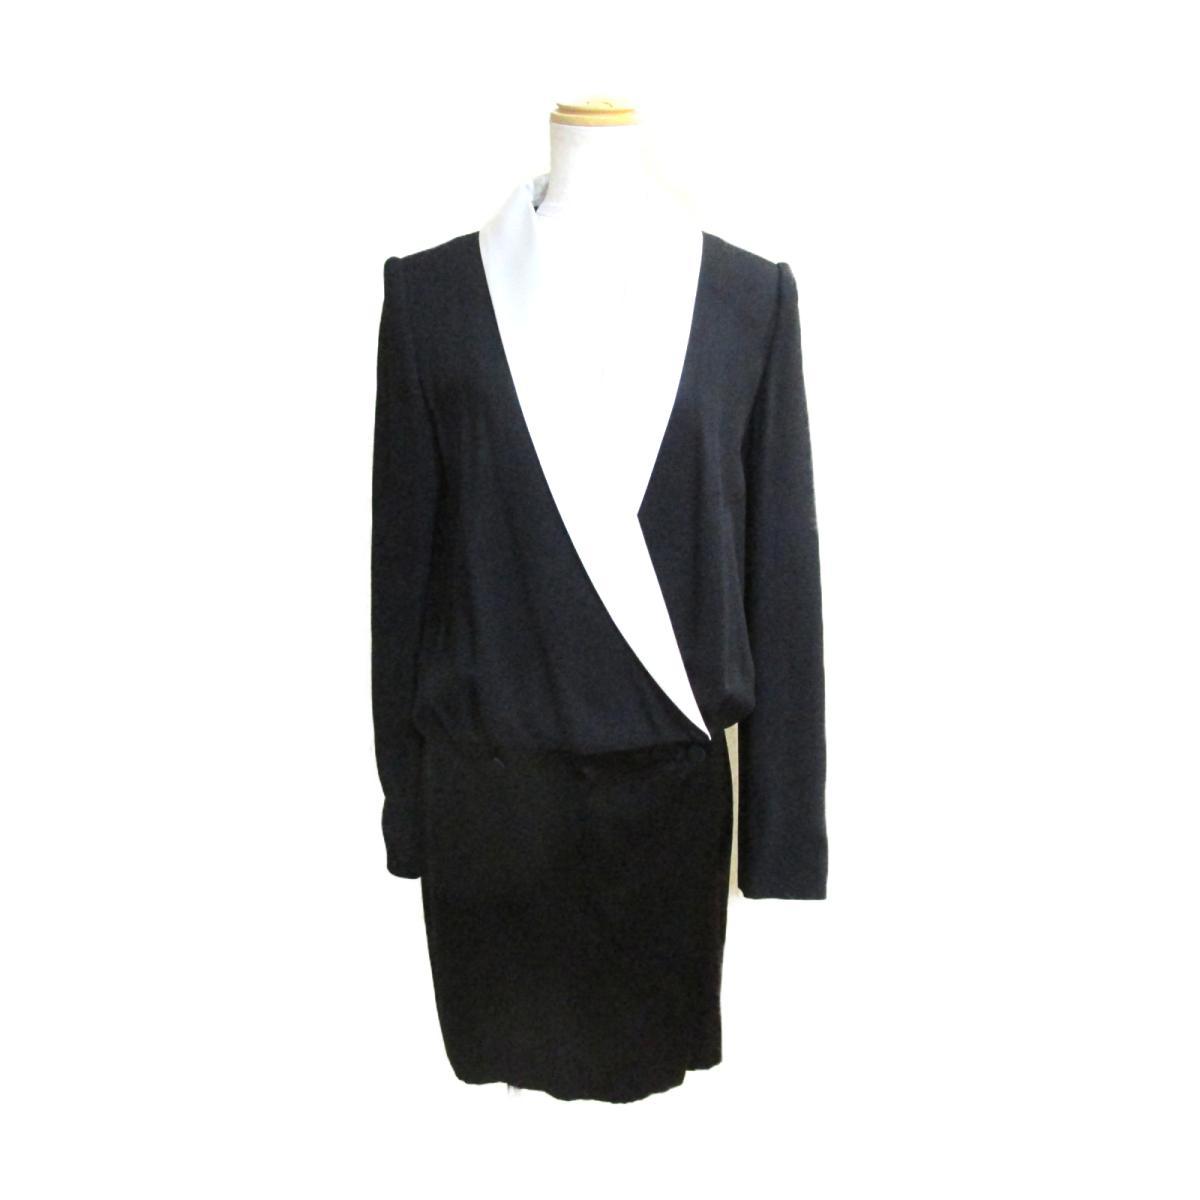 【中古】 ランバン ワンピース レディース アセテート ビスコース ブラック ホワイト | LANVIN BRANDOFF ブランドオフ 衣料品 衣類 ブランド